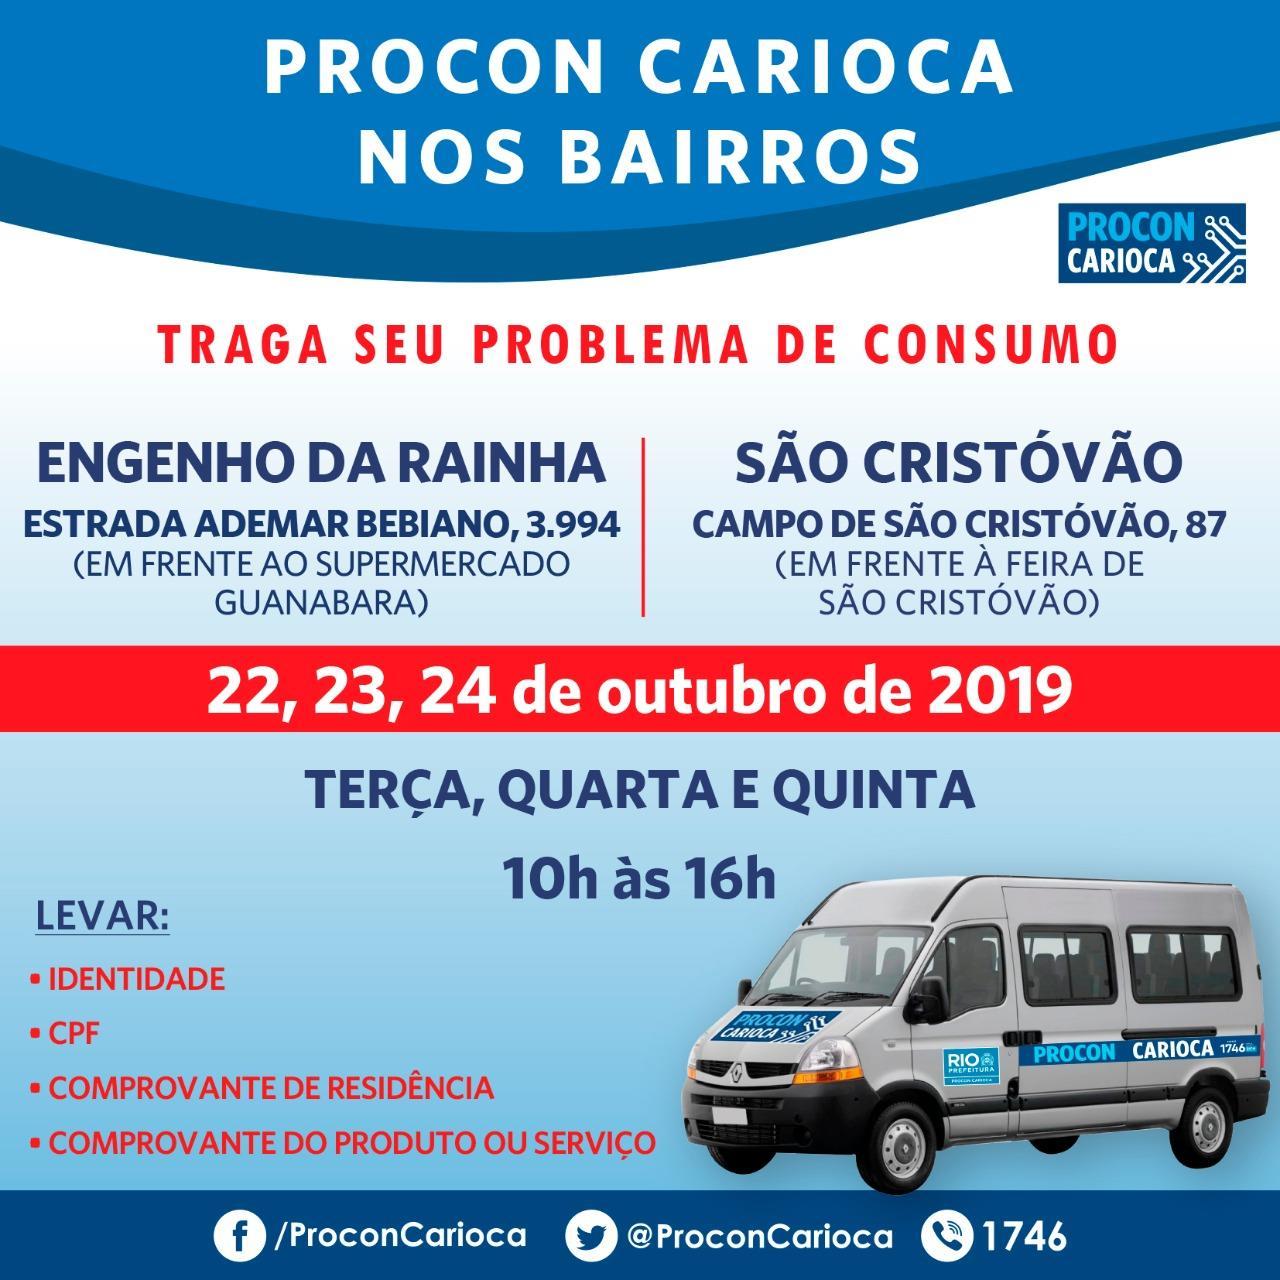 Procon Carioca atende até esta quinta no Engenho da Rainha e em São Cristóvão